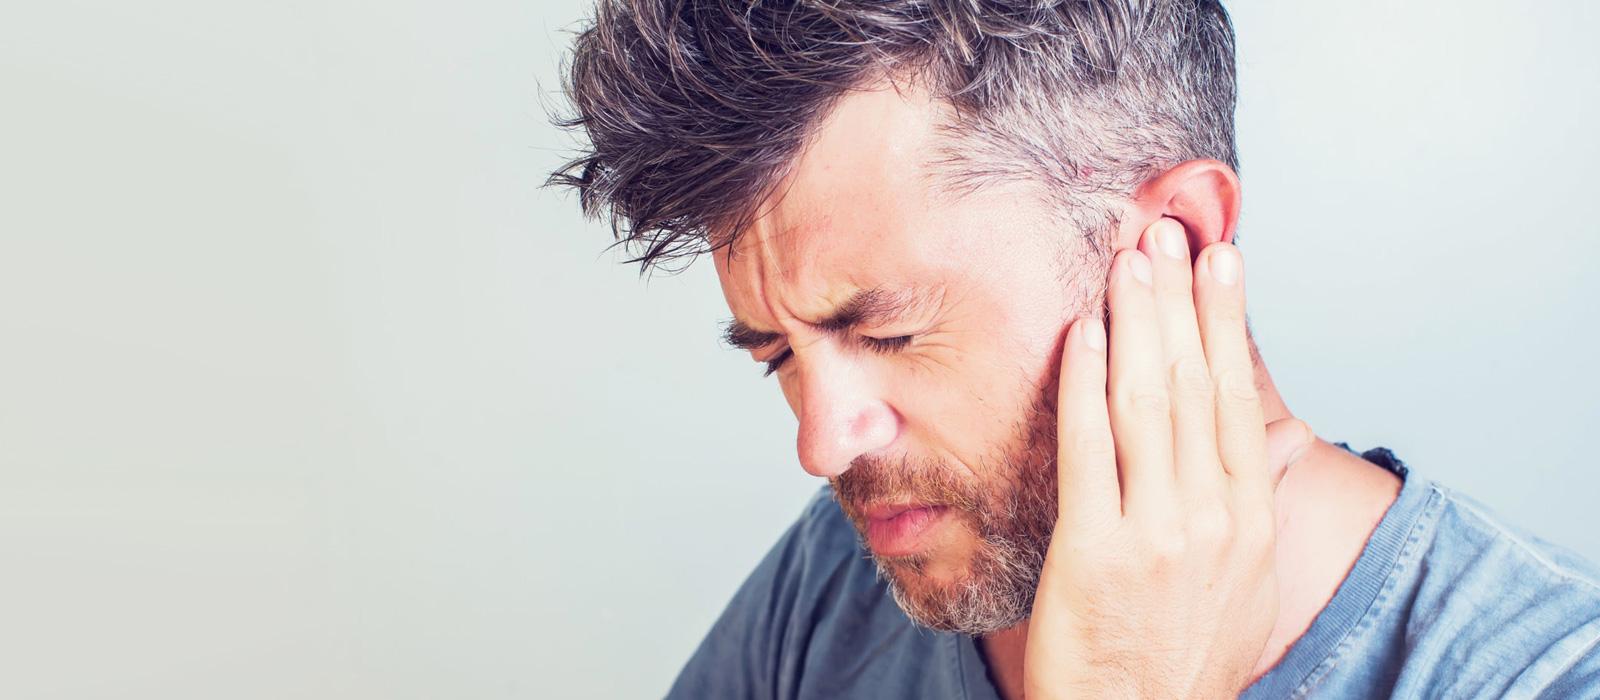 Ringing in ear